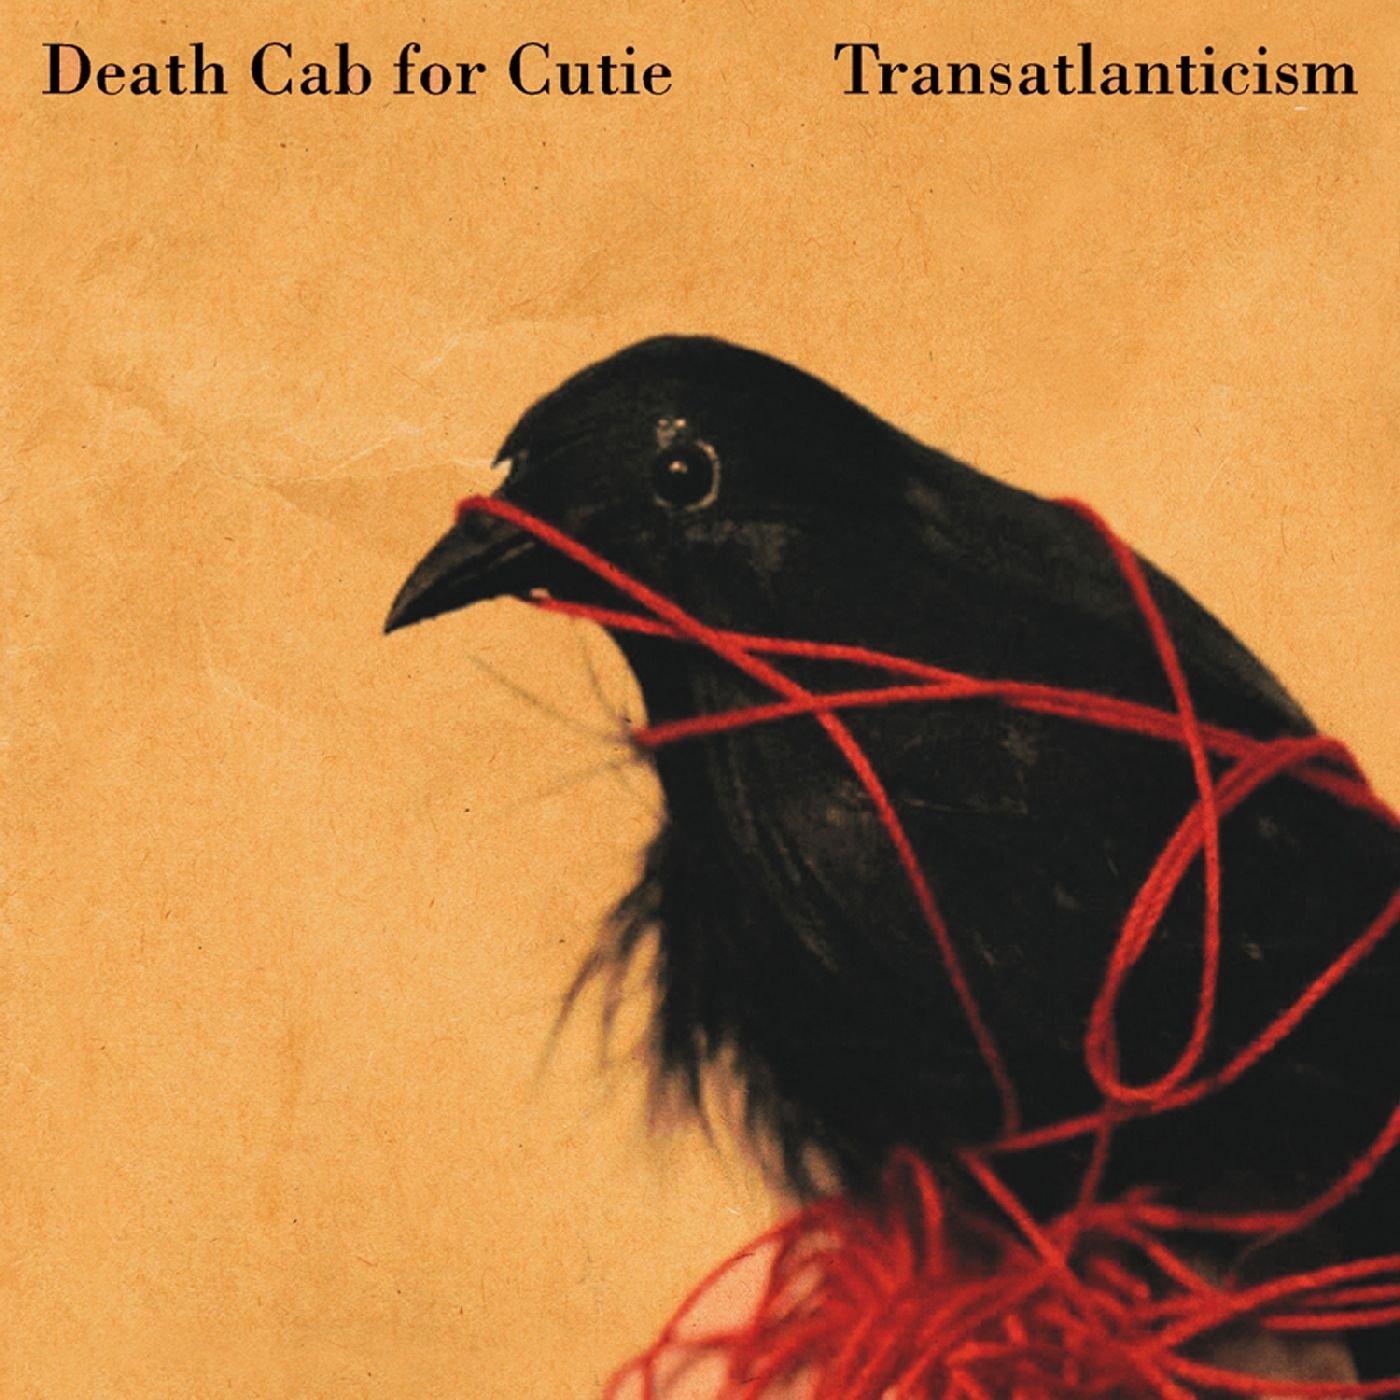 Transatalnticism